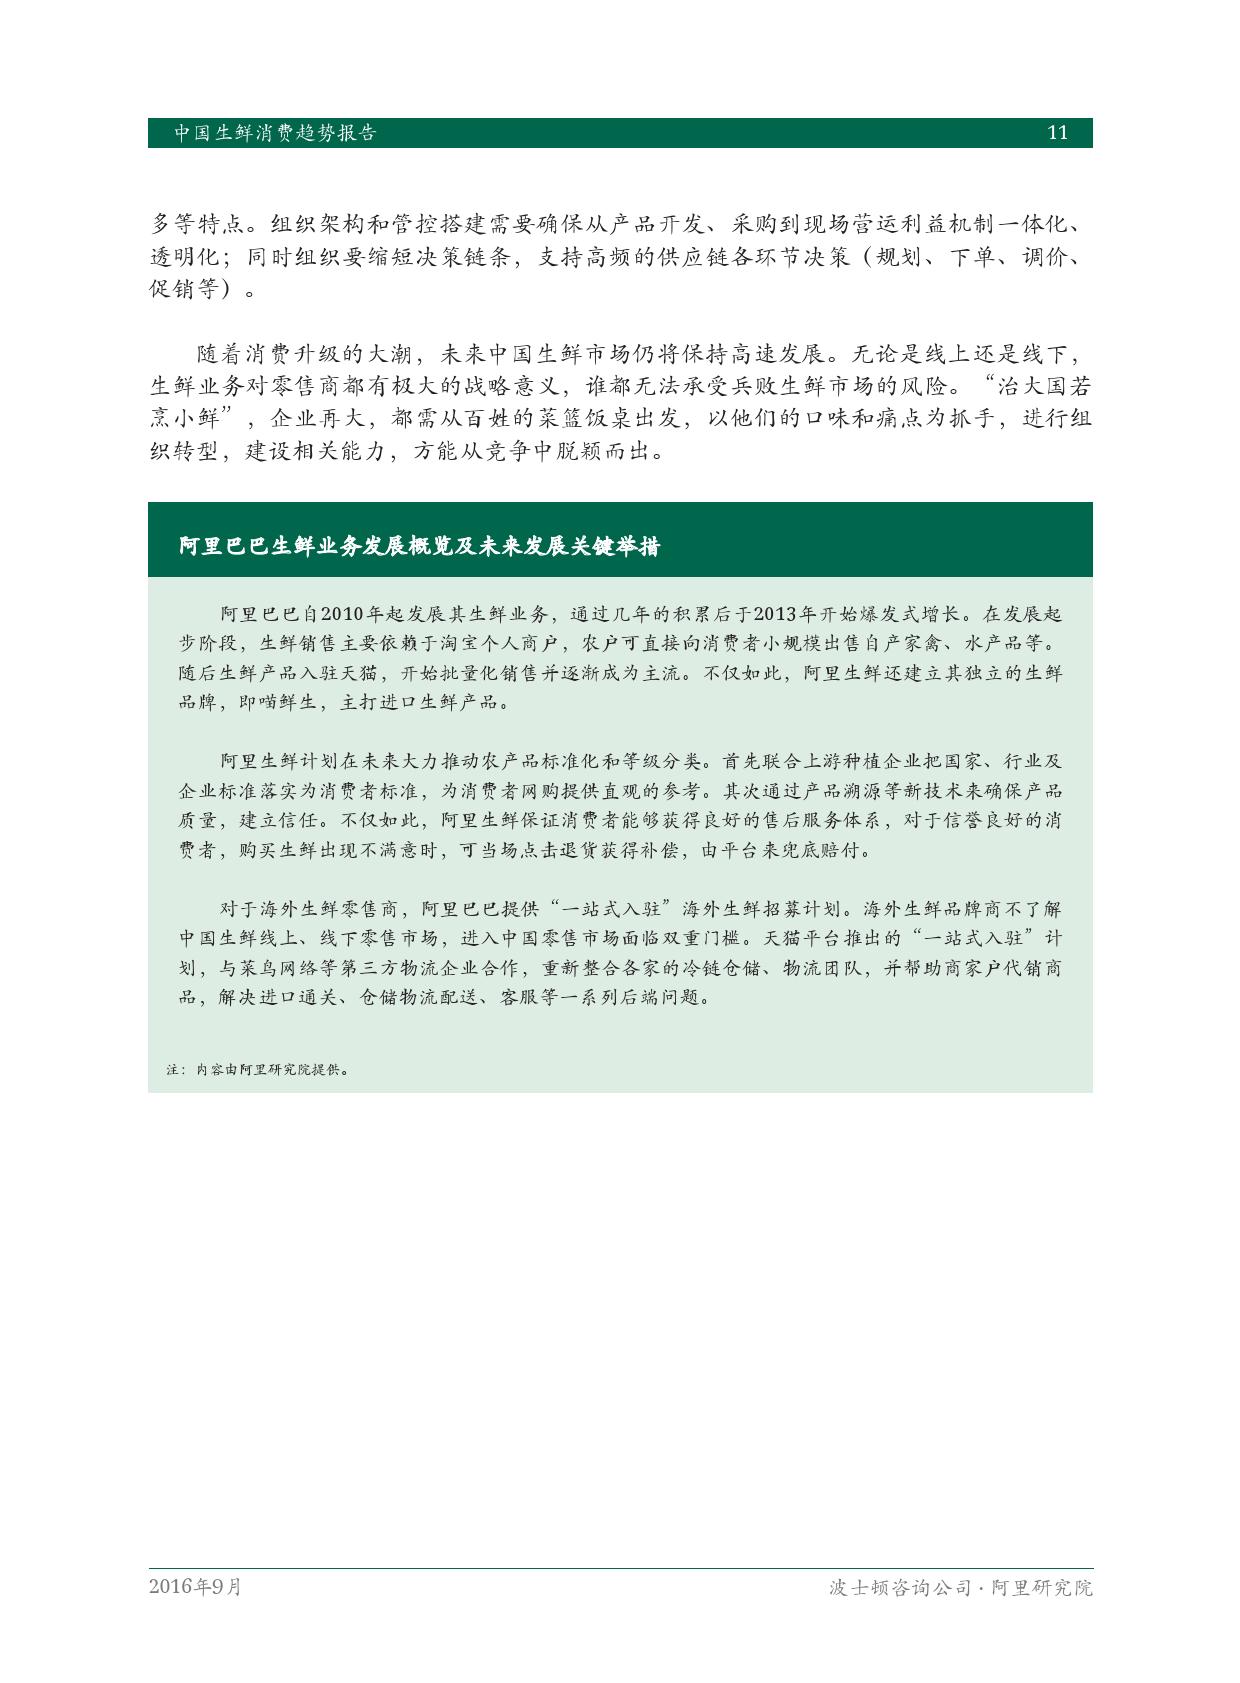 2016年中国生鲜消费趋势报告_000013